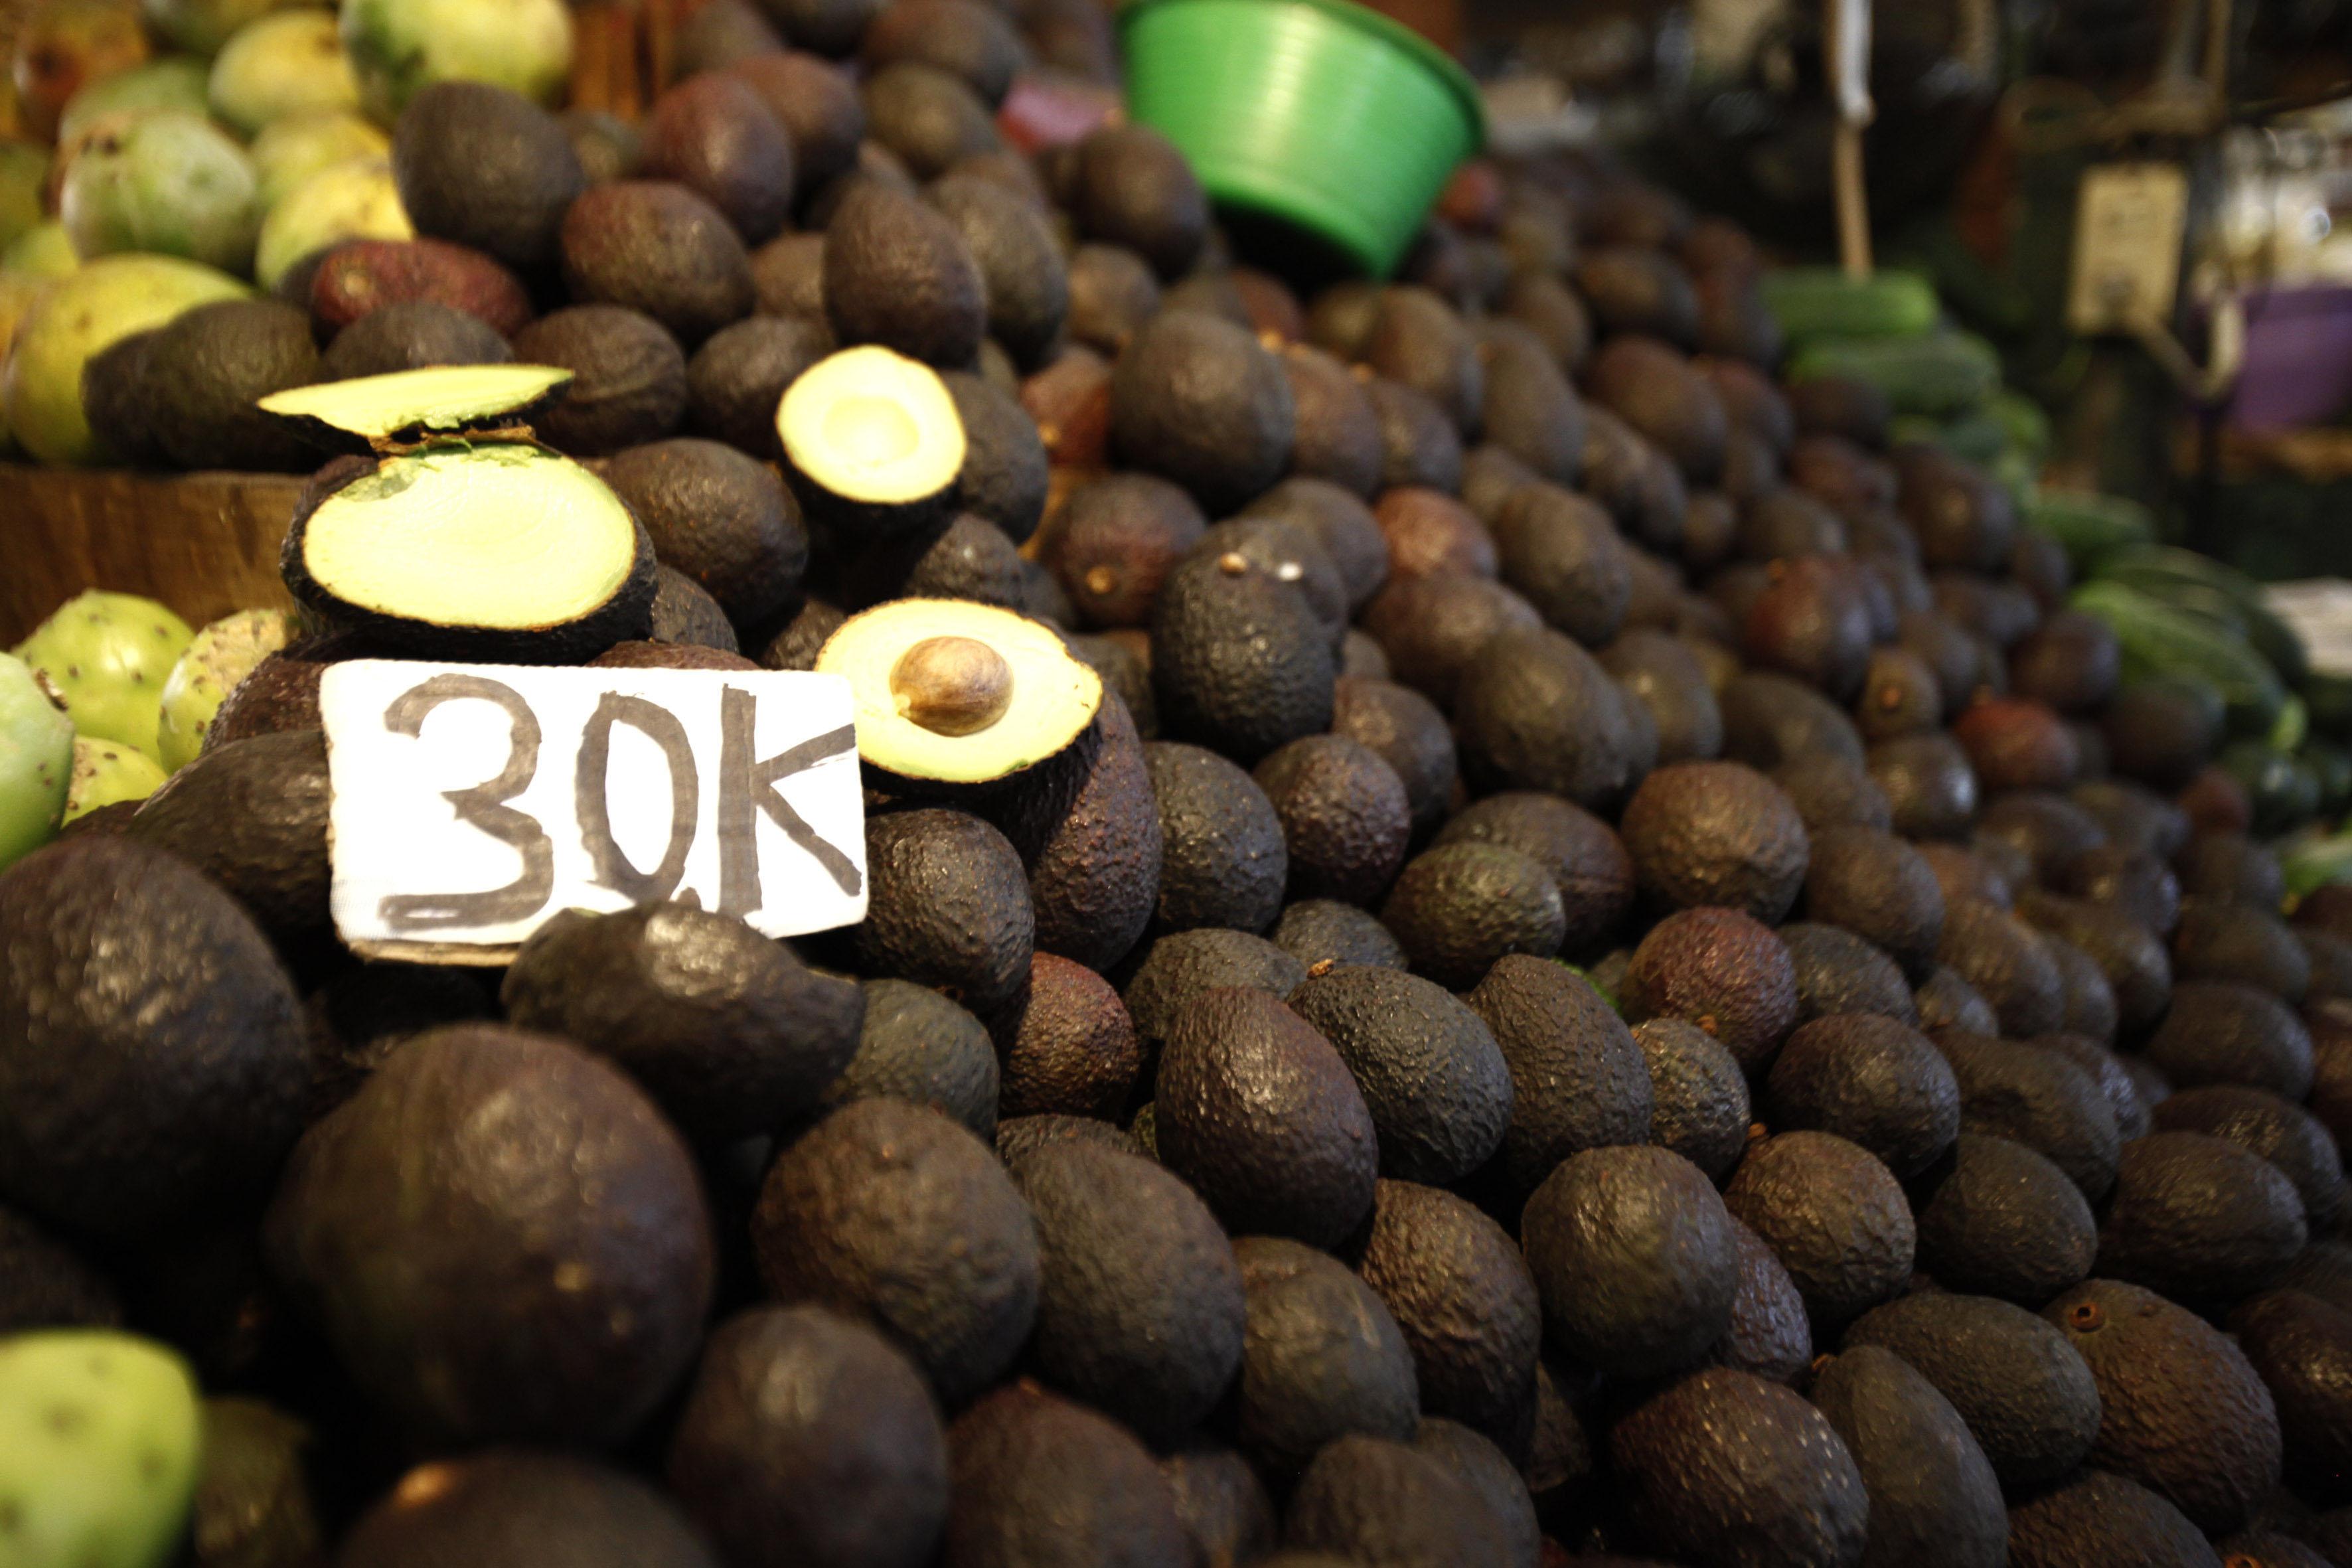 Pila de aguacates en mercado local, donde se muestra el precio por kilo del producto.